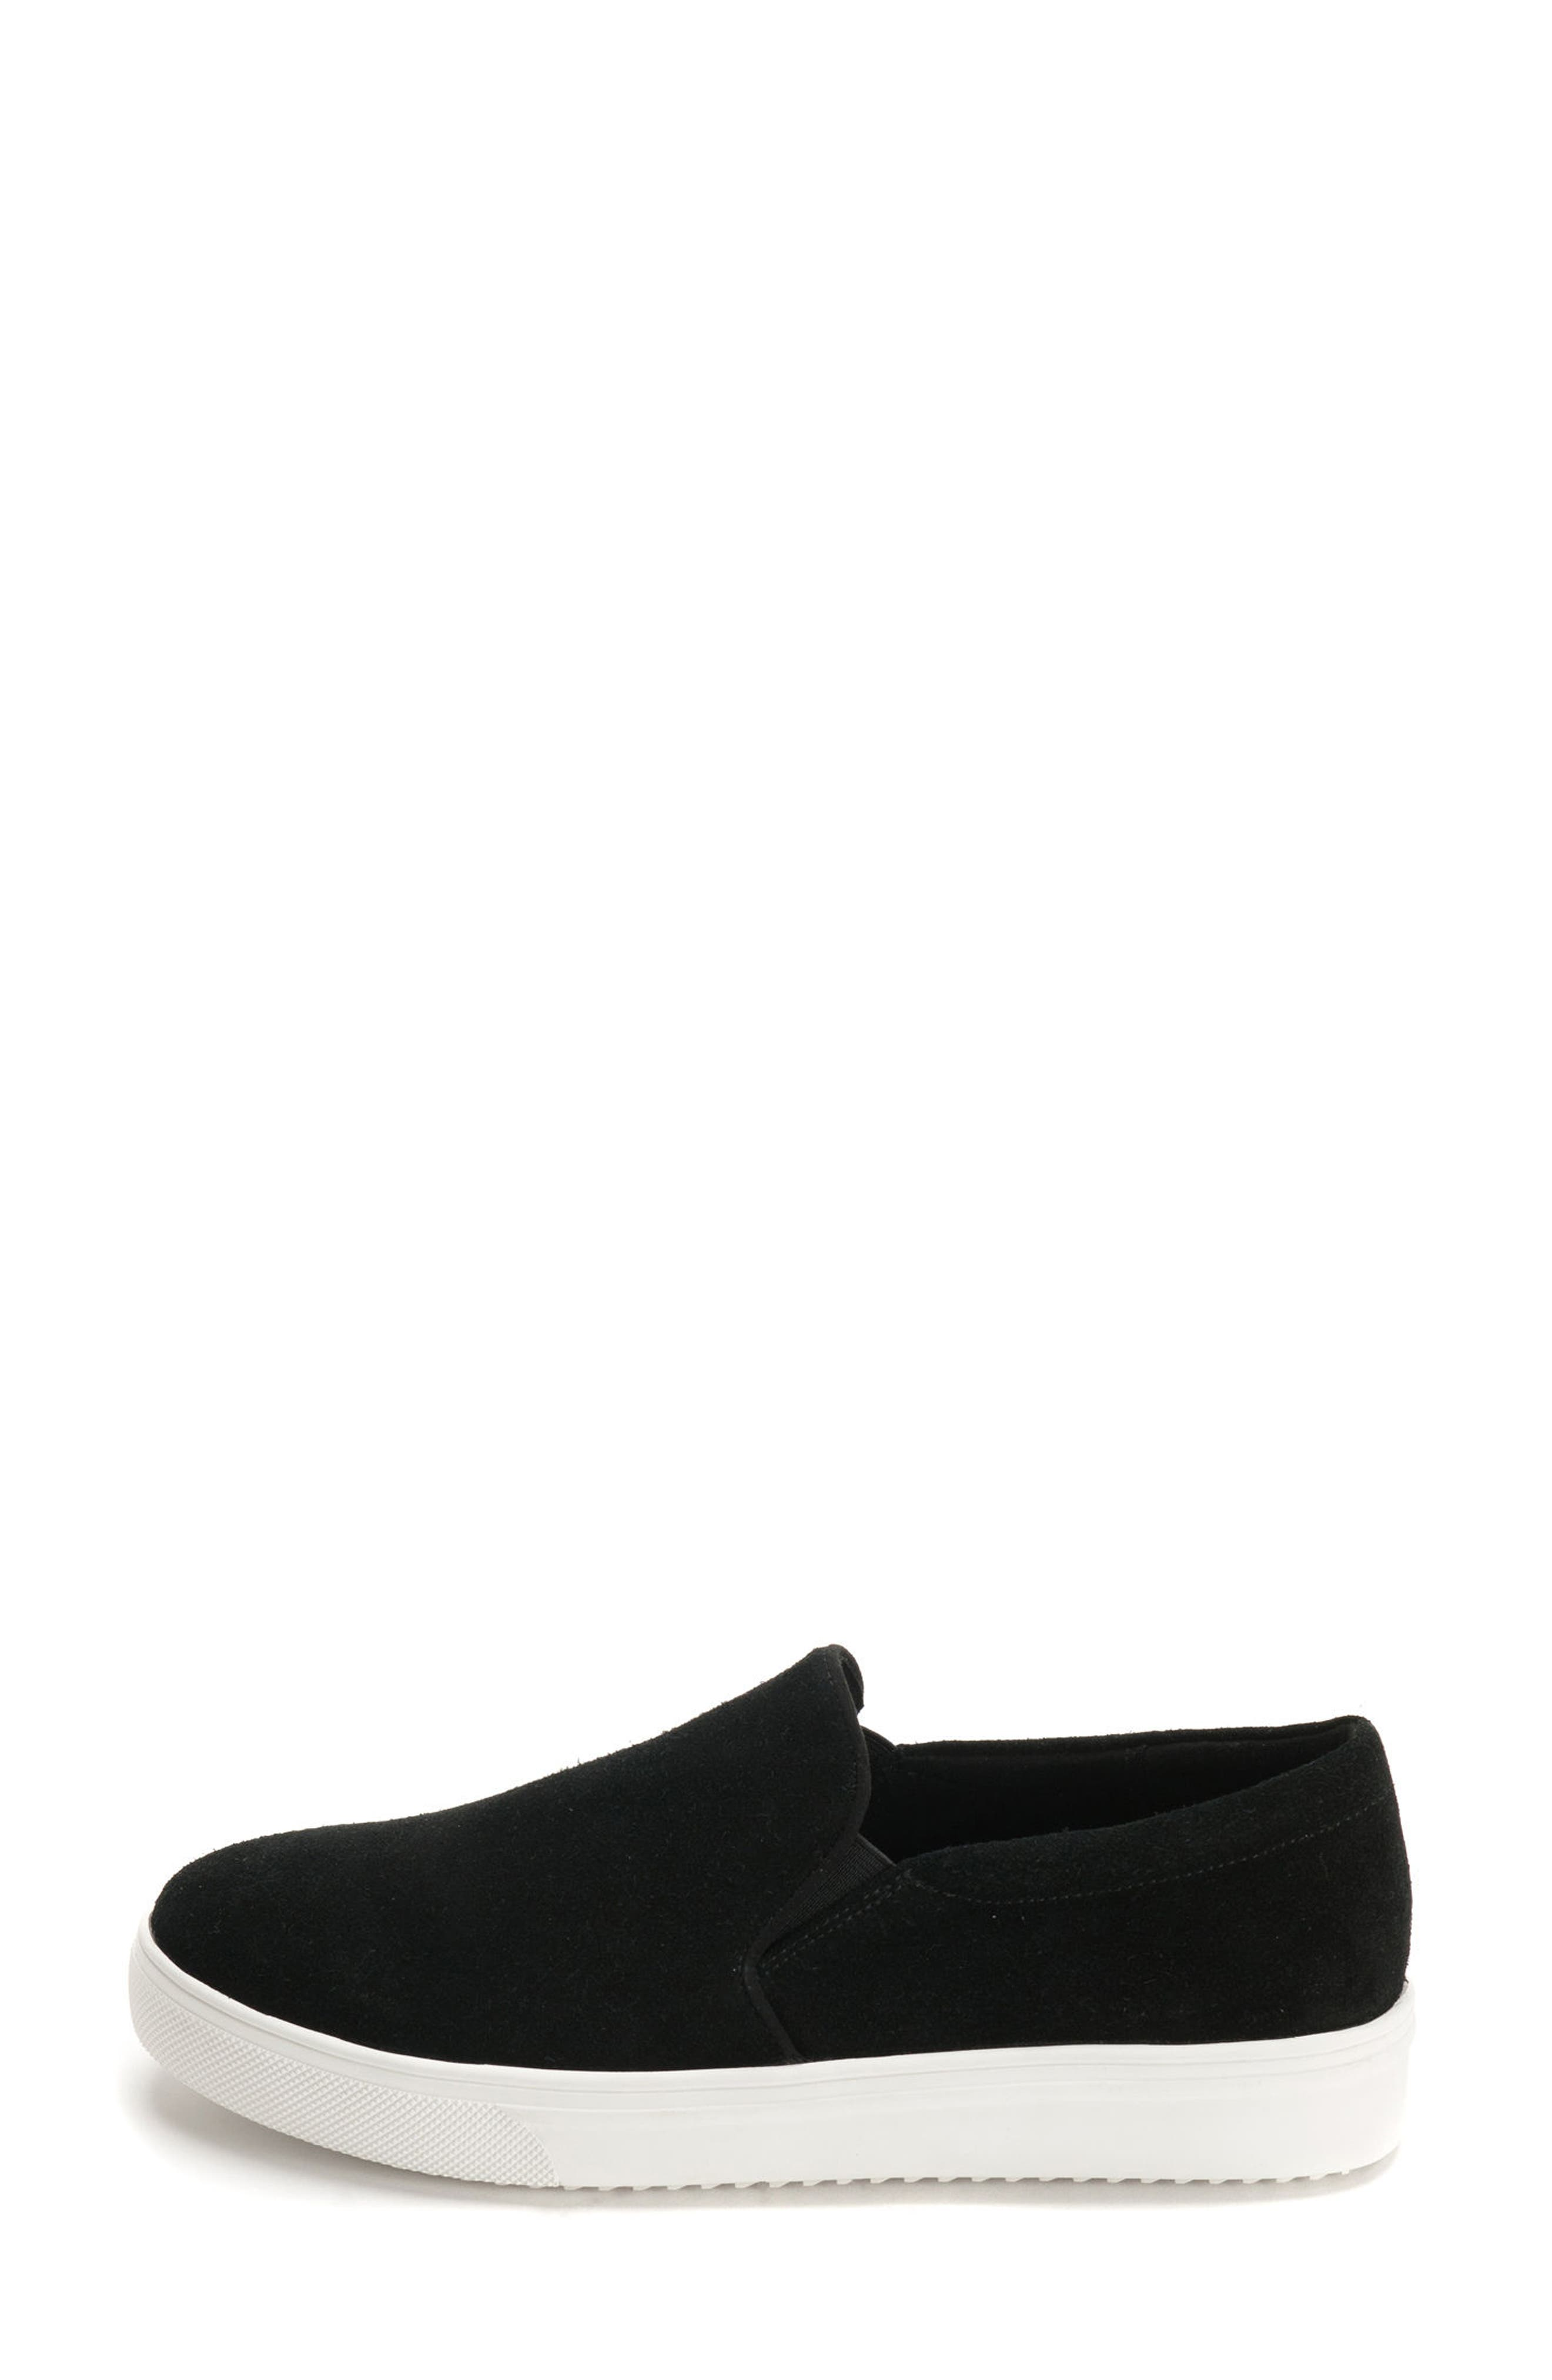 BLONDO, Gracie Waterproof Slip-On Sneaker, Alternate thumbnail 3, color, BLACK SUEDE